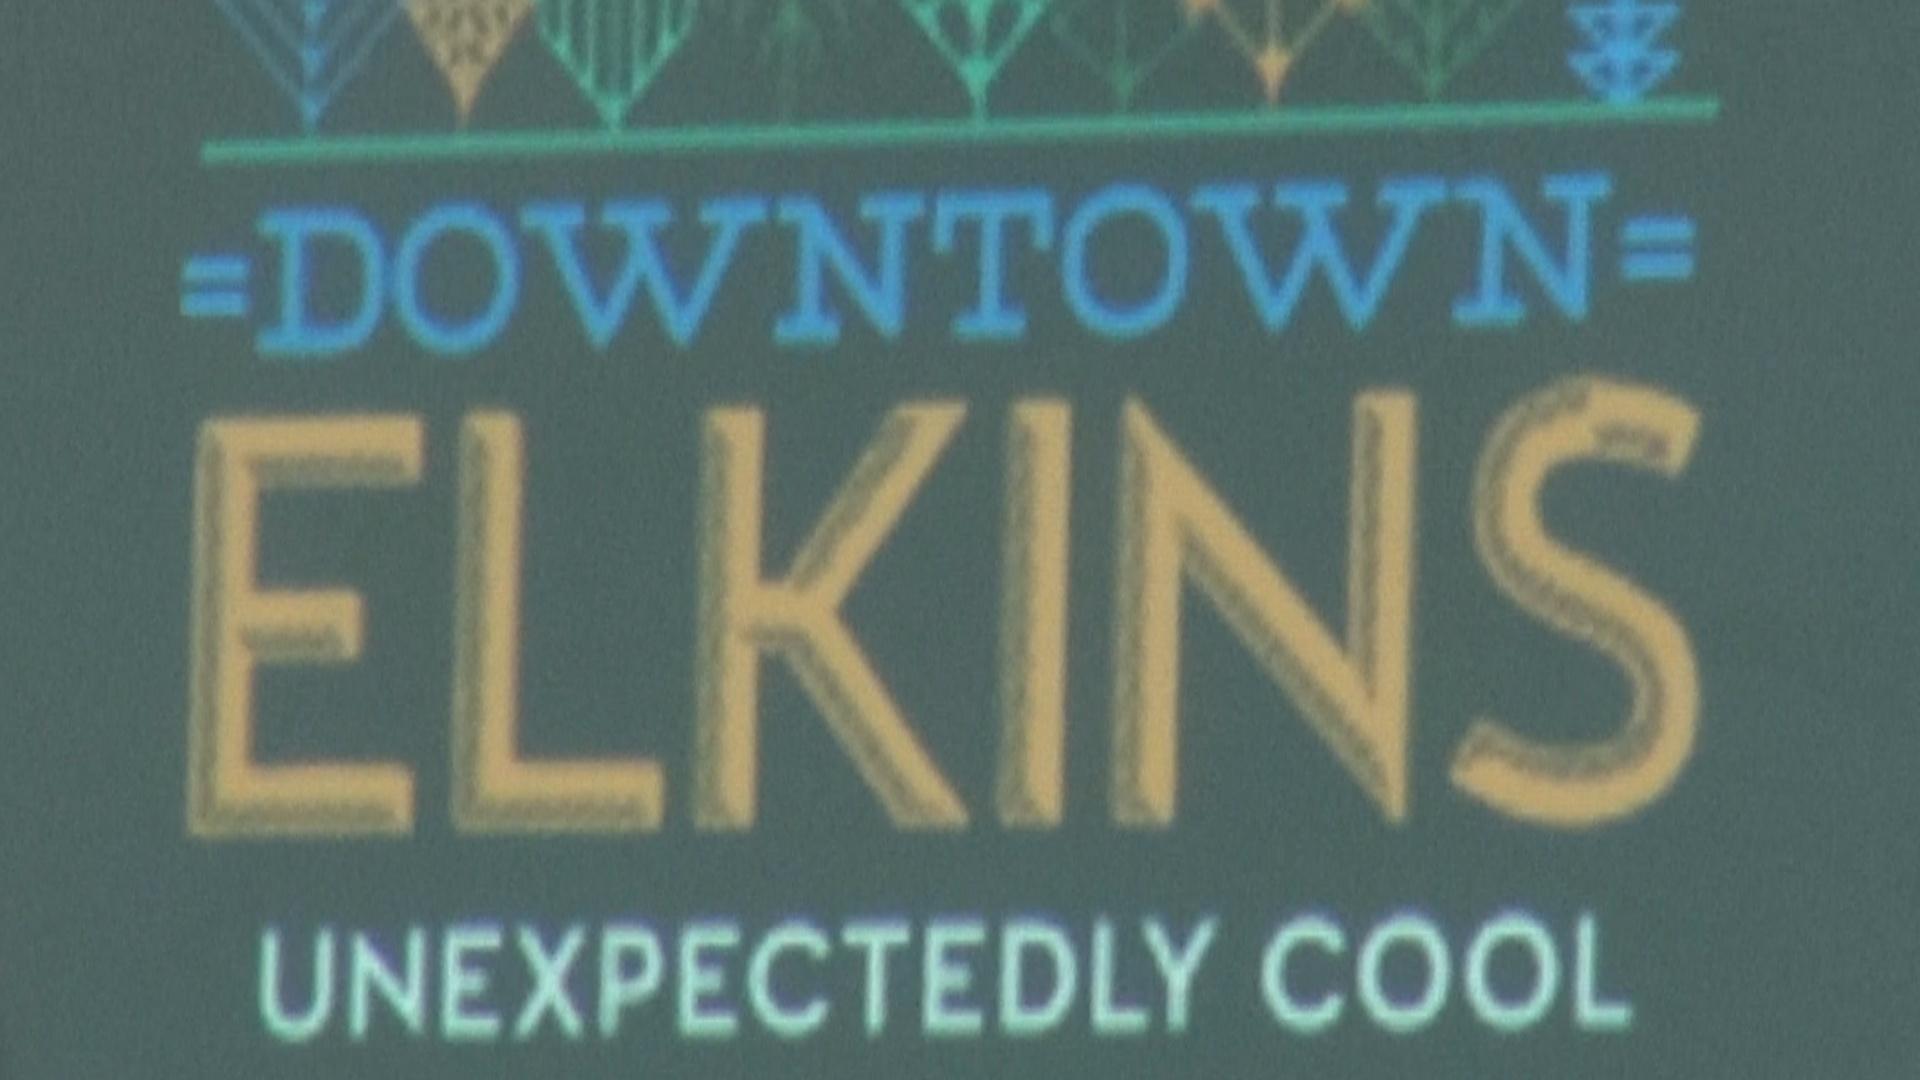 Elkins Branding Presentation.jpg